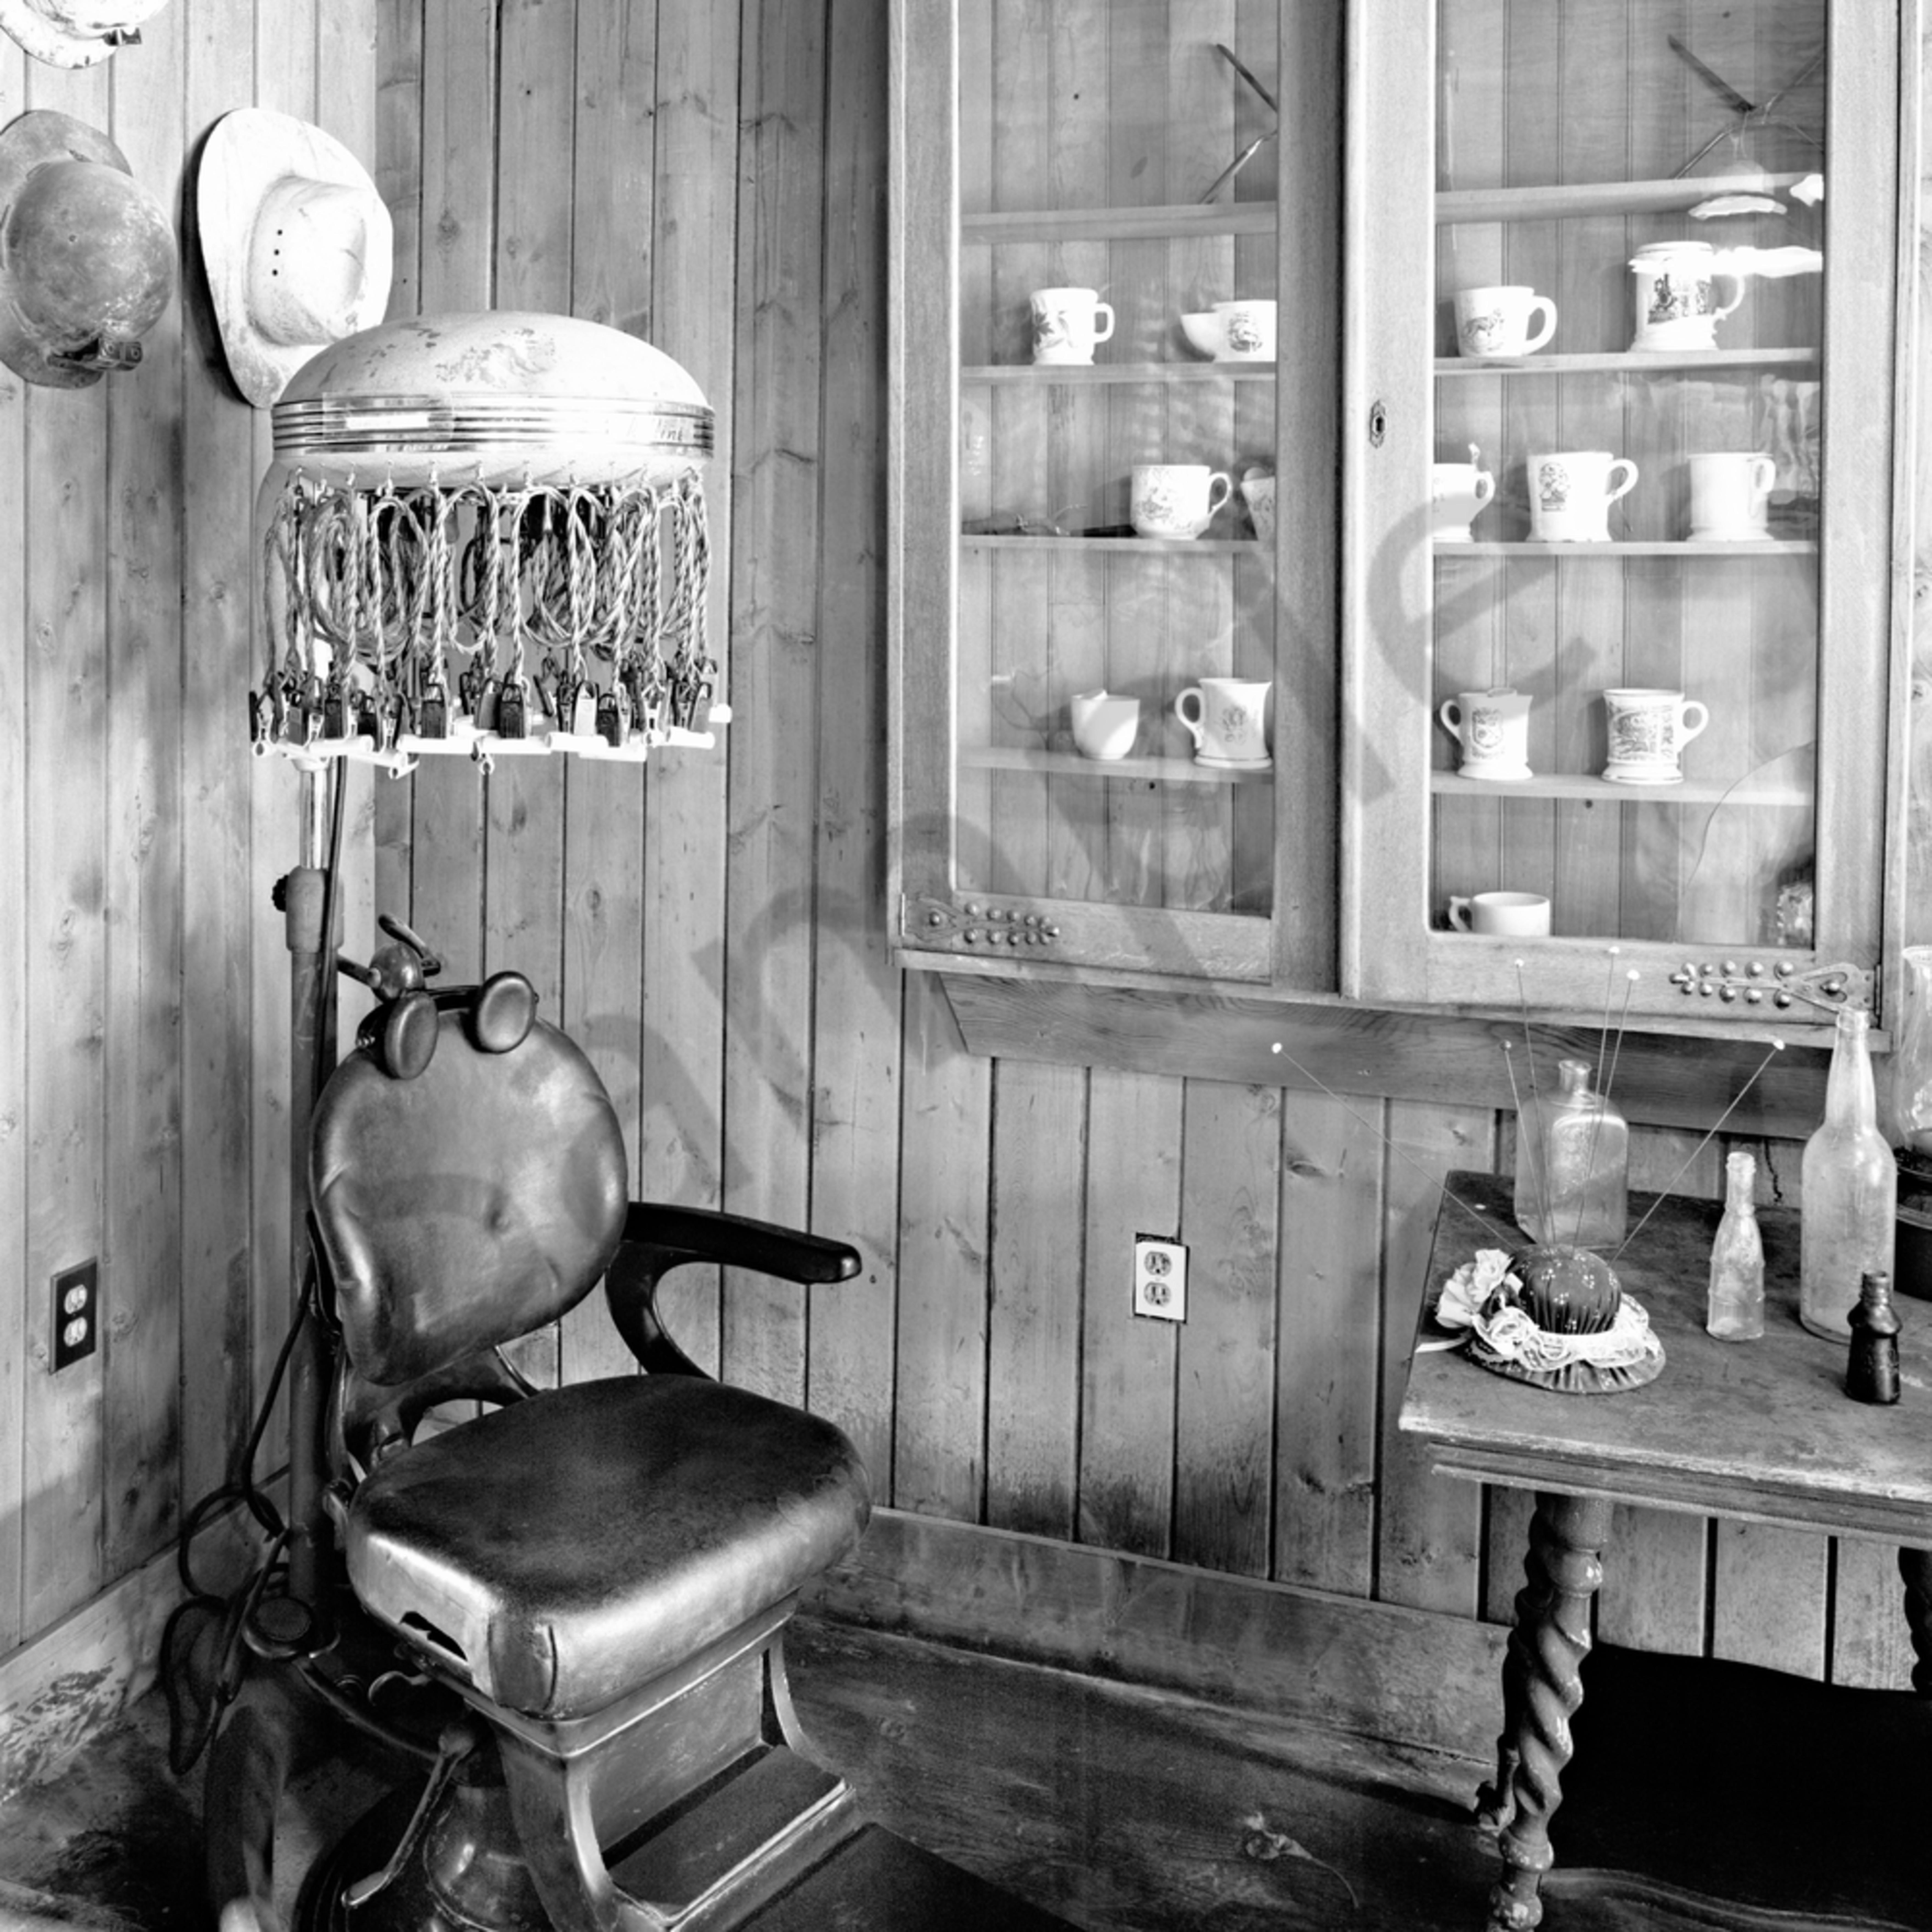 Barber shop hdohhl